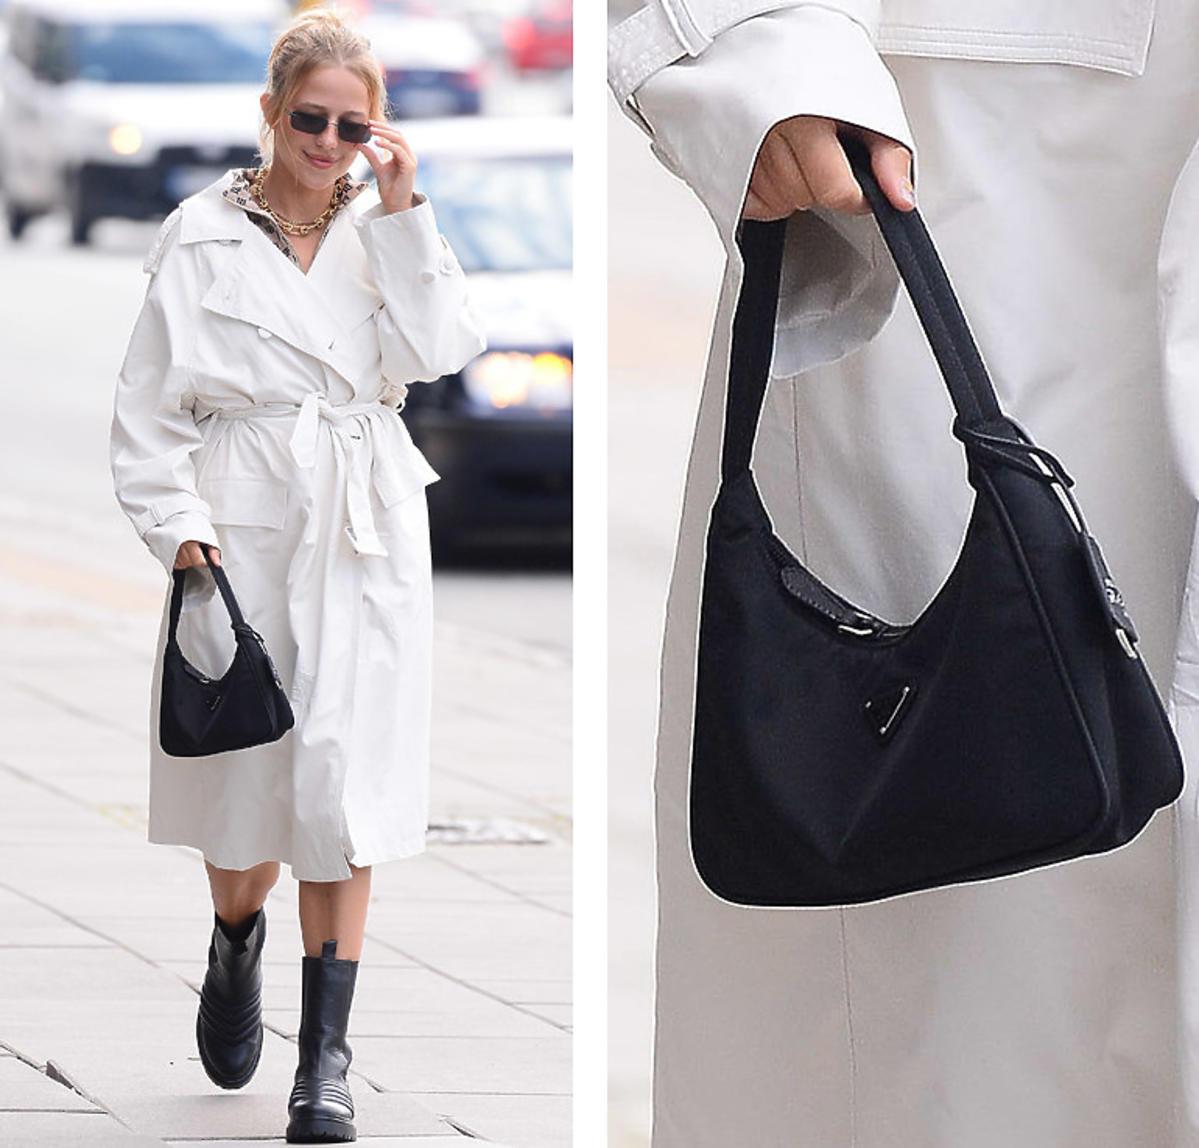 Jessica Mercedes w białym płaszczu i z czarną torebkę Prada